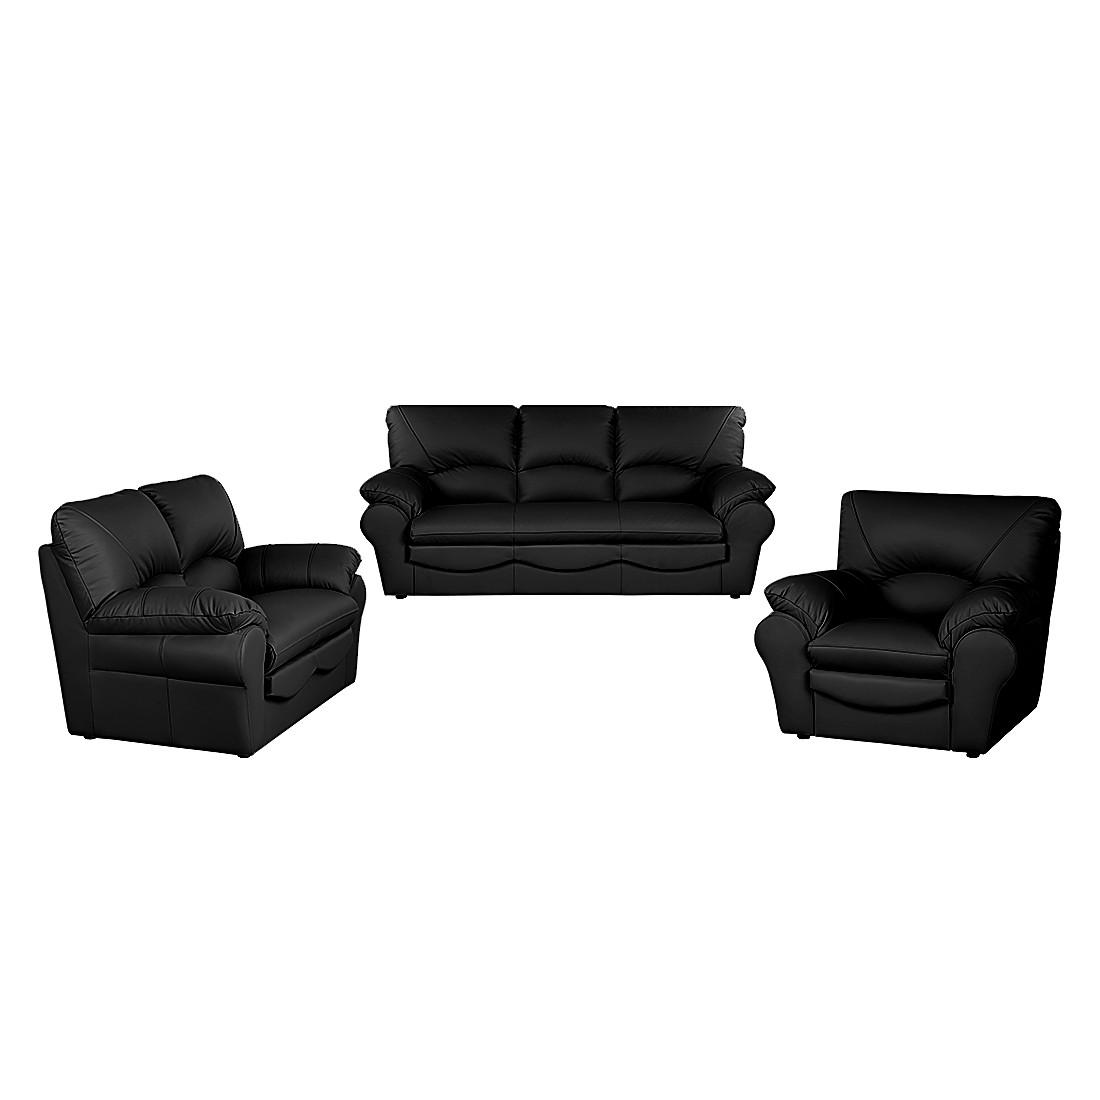 Canapé panoramique Torsby (3 - 2 - 1) - Cuir véritable noir, Nuovoform